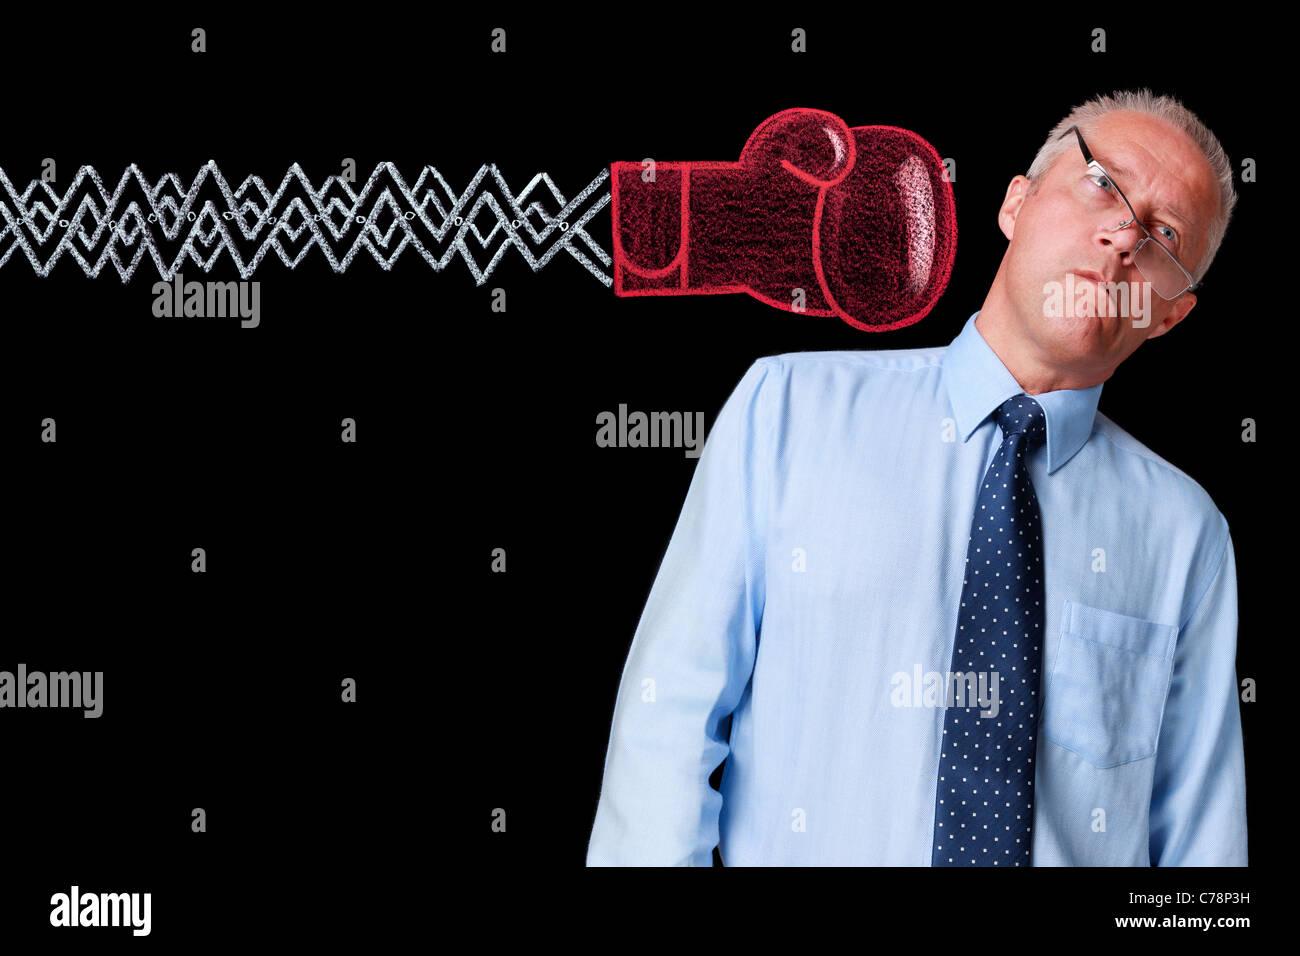 Photo d'un homme d'âge mûr sur un fond noir livré un coup de poing par un handrawn gant de Photo Stock